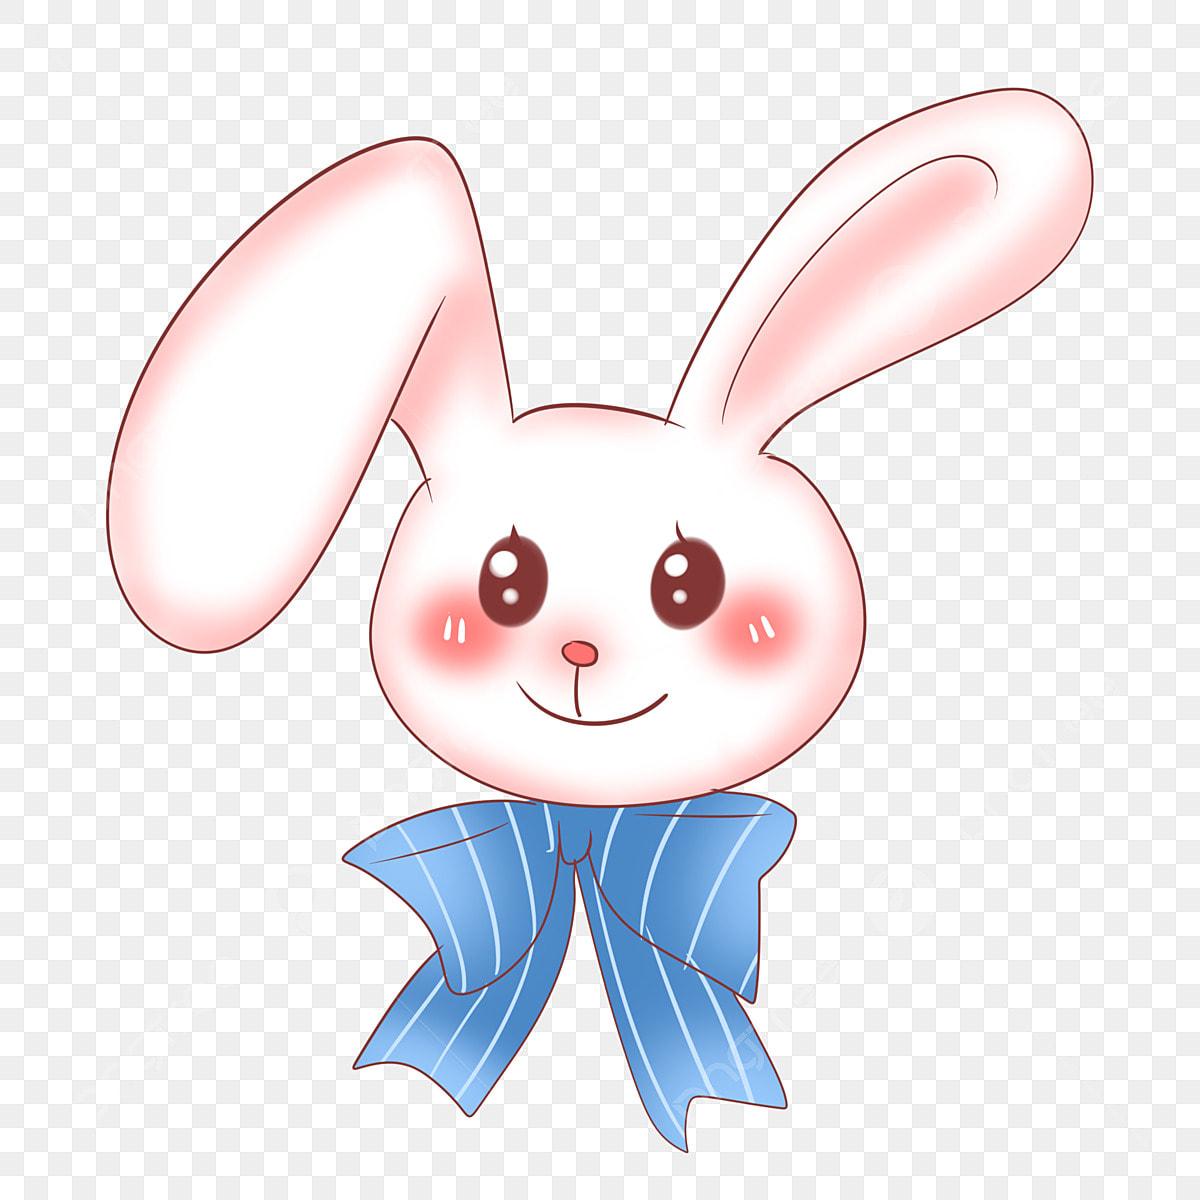 Lapin De Dessin Anime Grand Arc Bleu Sourire De Lapin Grands Yeux